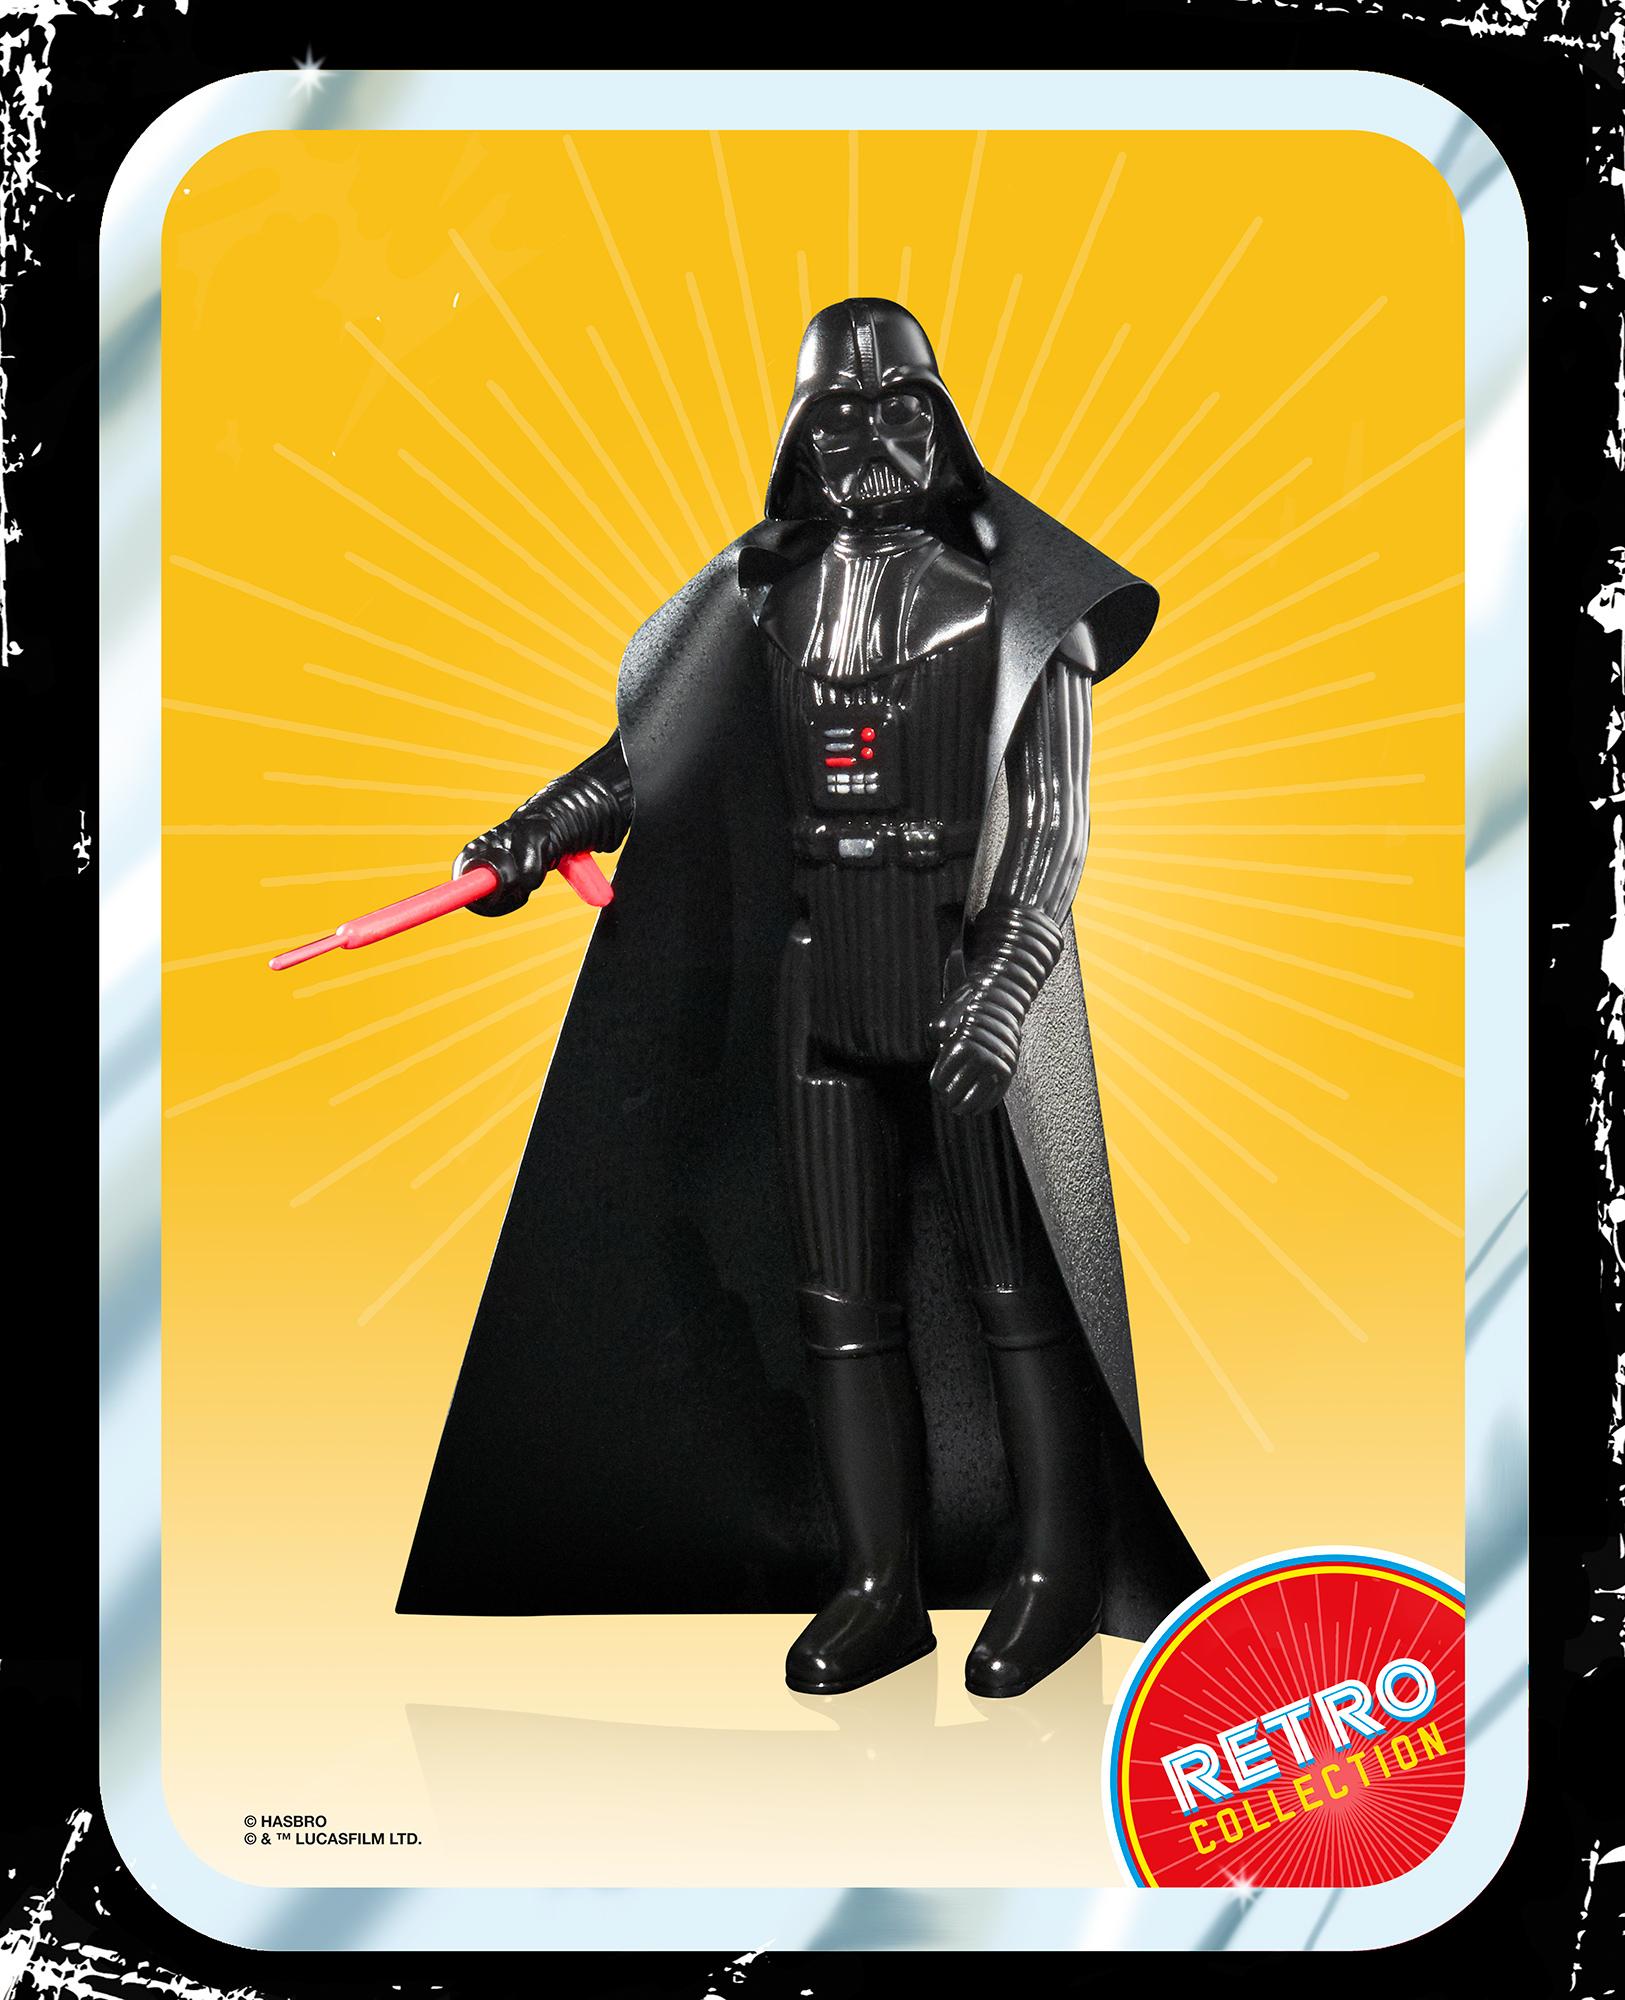 Star-Wars-Retro-Retro_Darth-Vader-oop